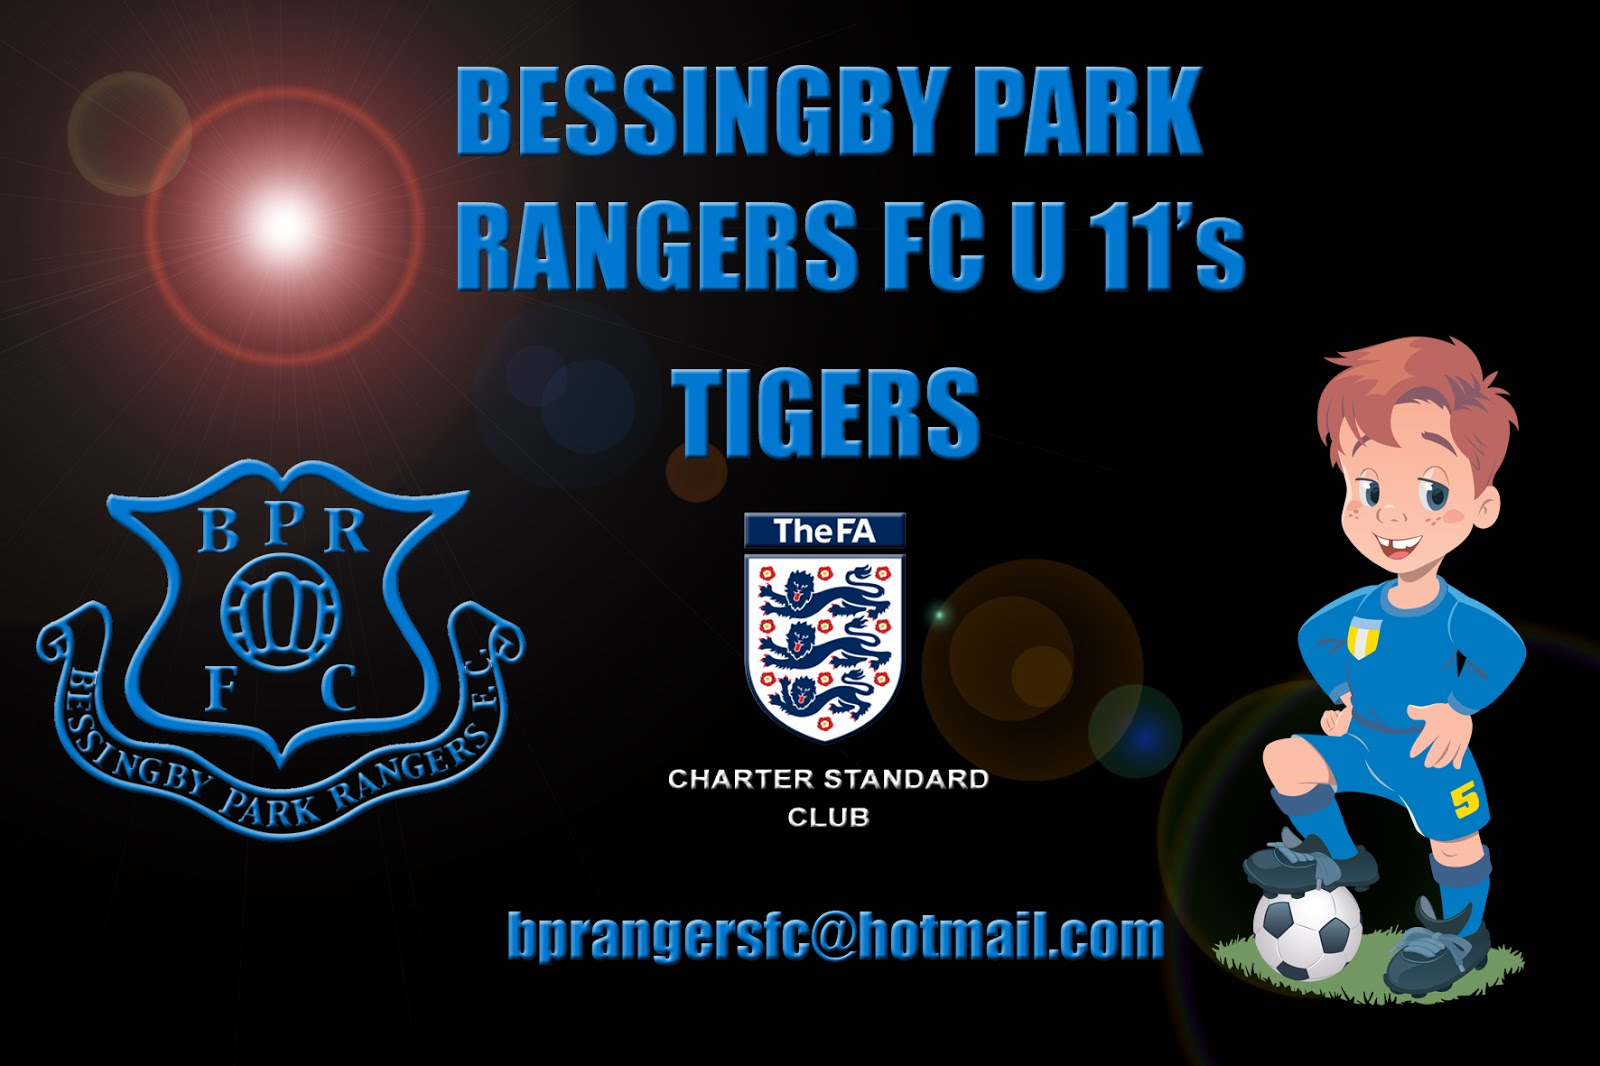 Bessingby Park Rangers U11 Tigers